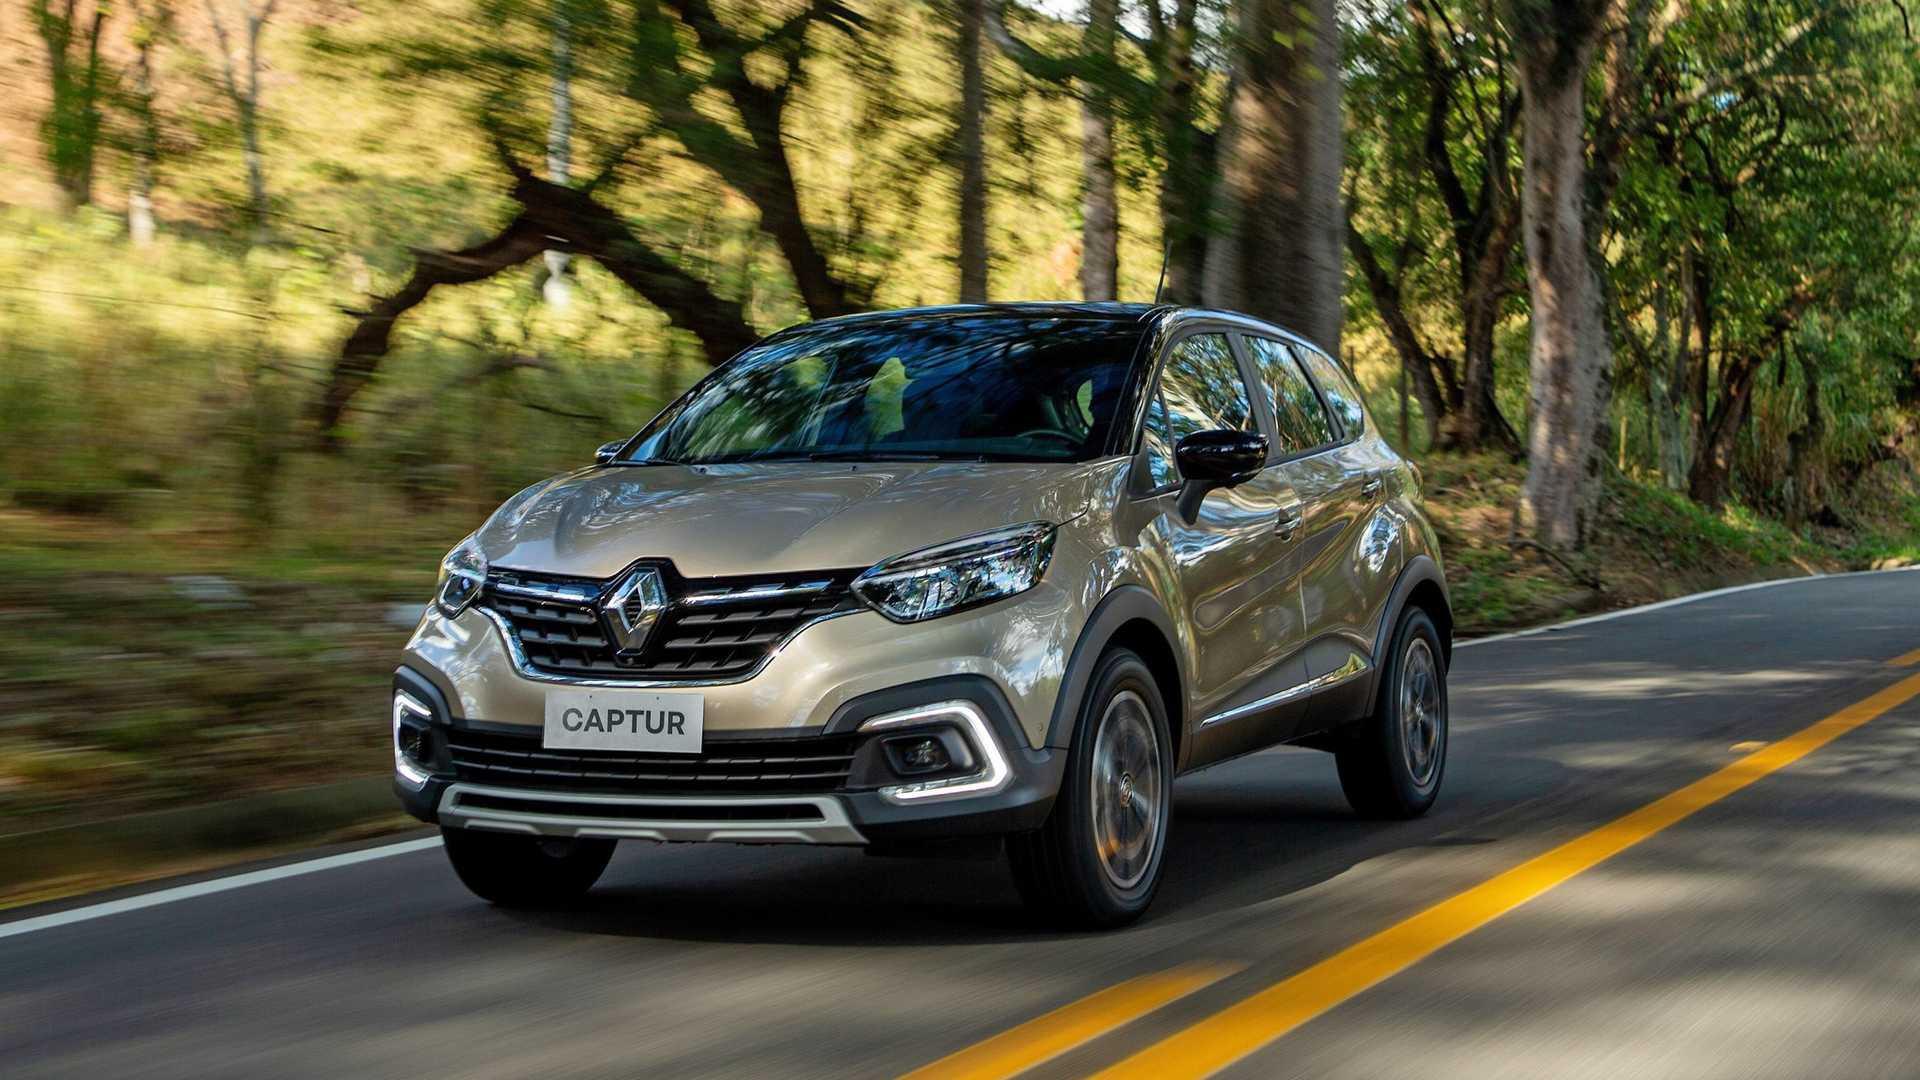 A dianteira do veículo apresenta faróis com iluminação full-LED (Foto: Renault/Reprodução)